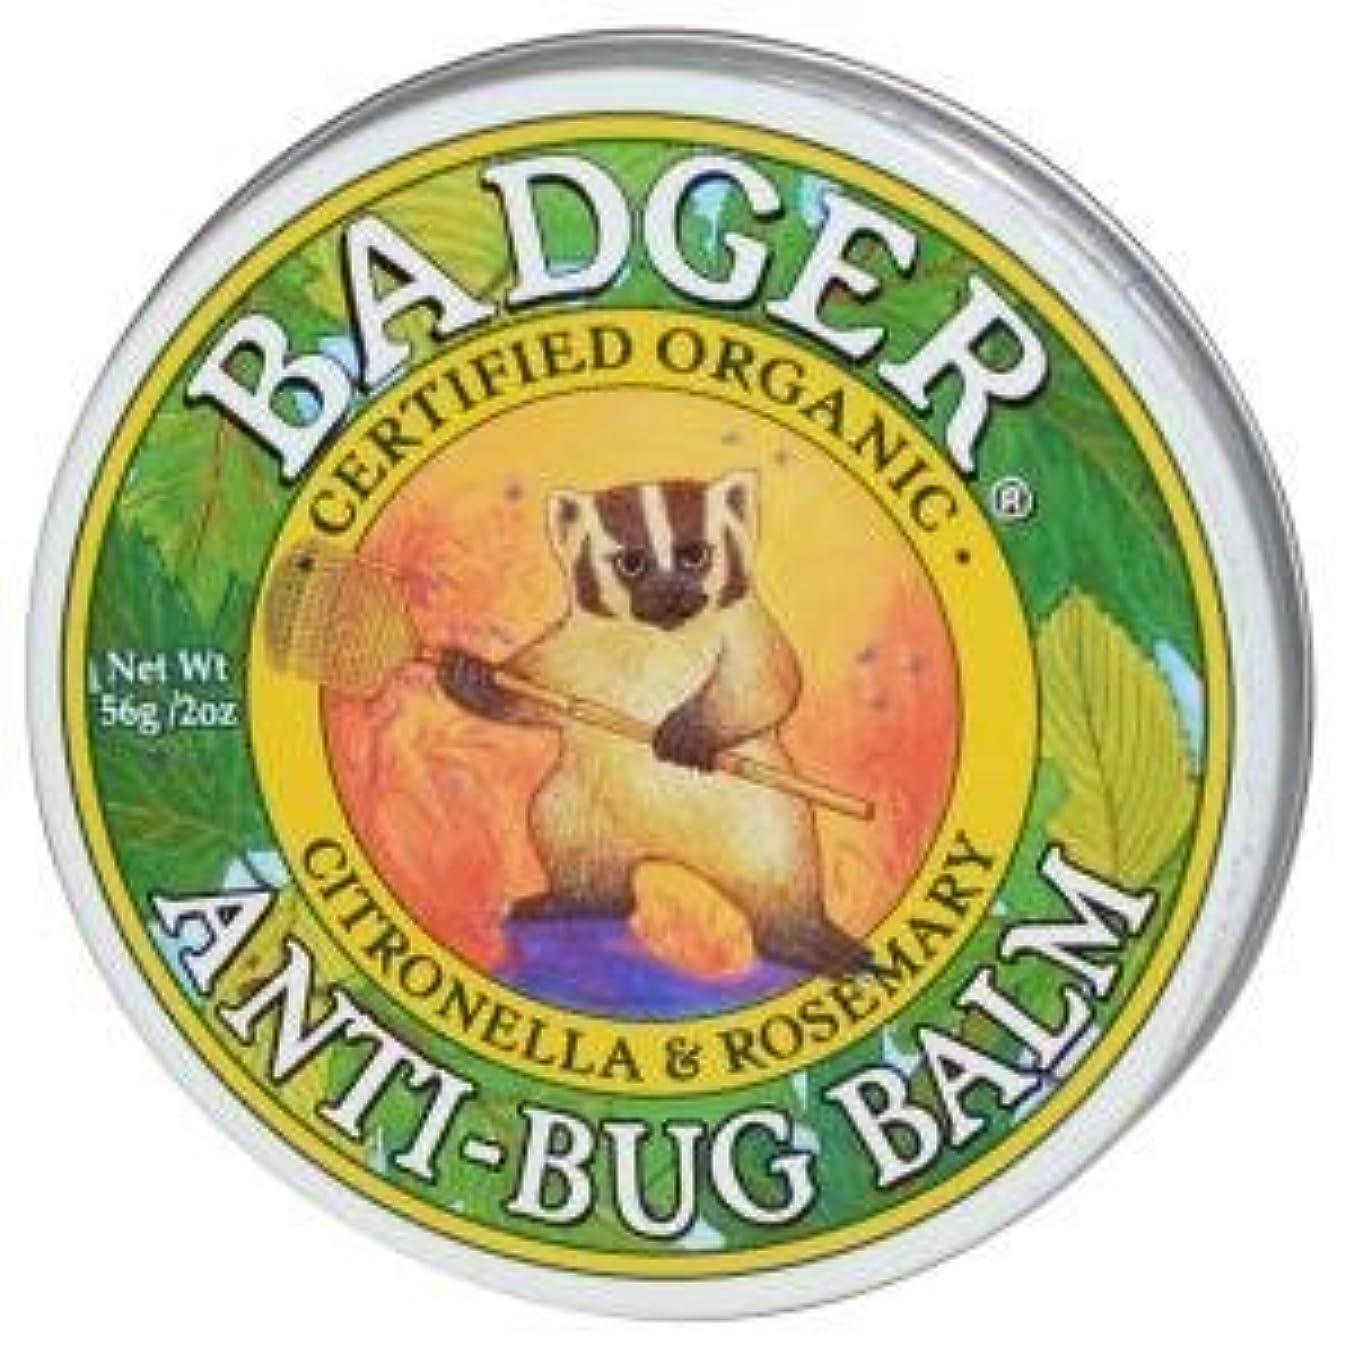 クック市の中心部ギャップ[並行輸入品] バジャー(Badger) プロテクトバーム(虫よけバーム) 56g